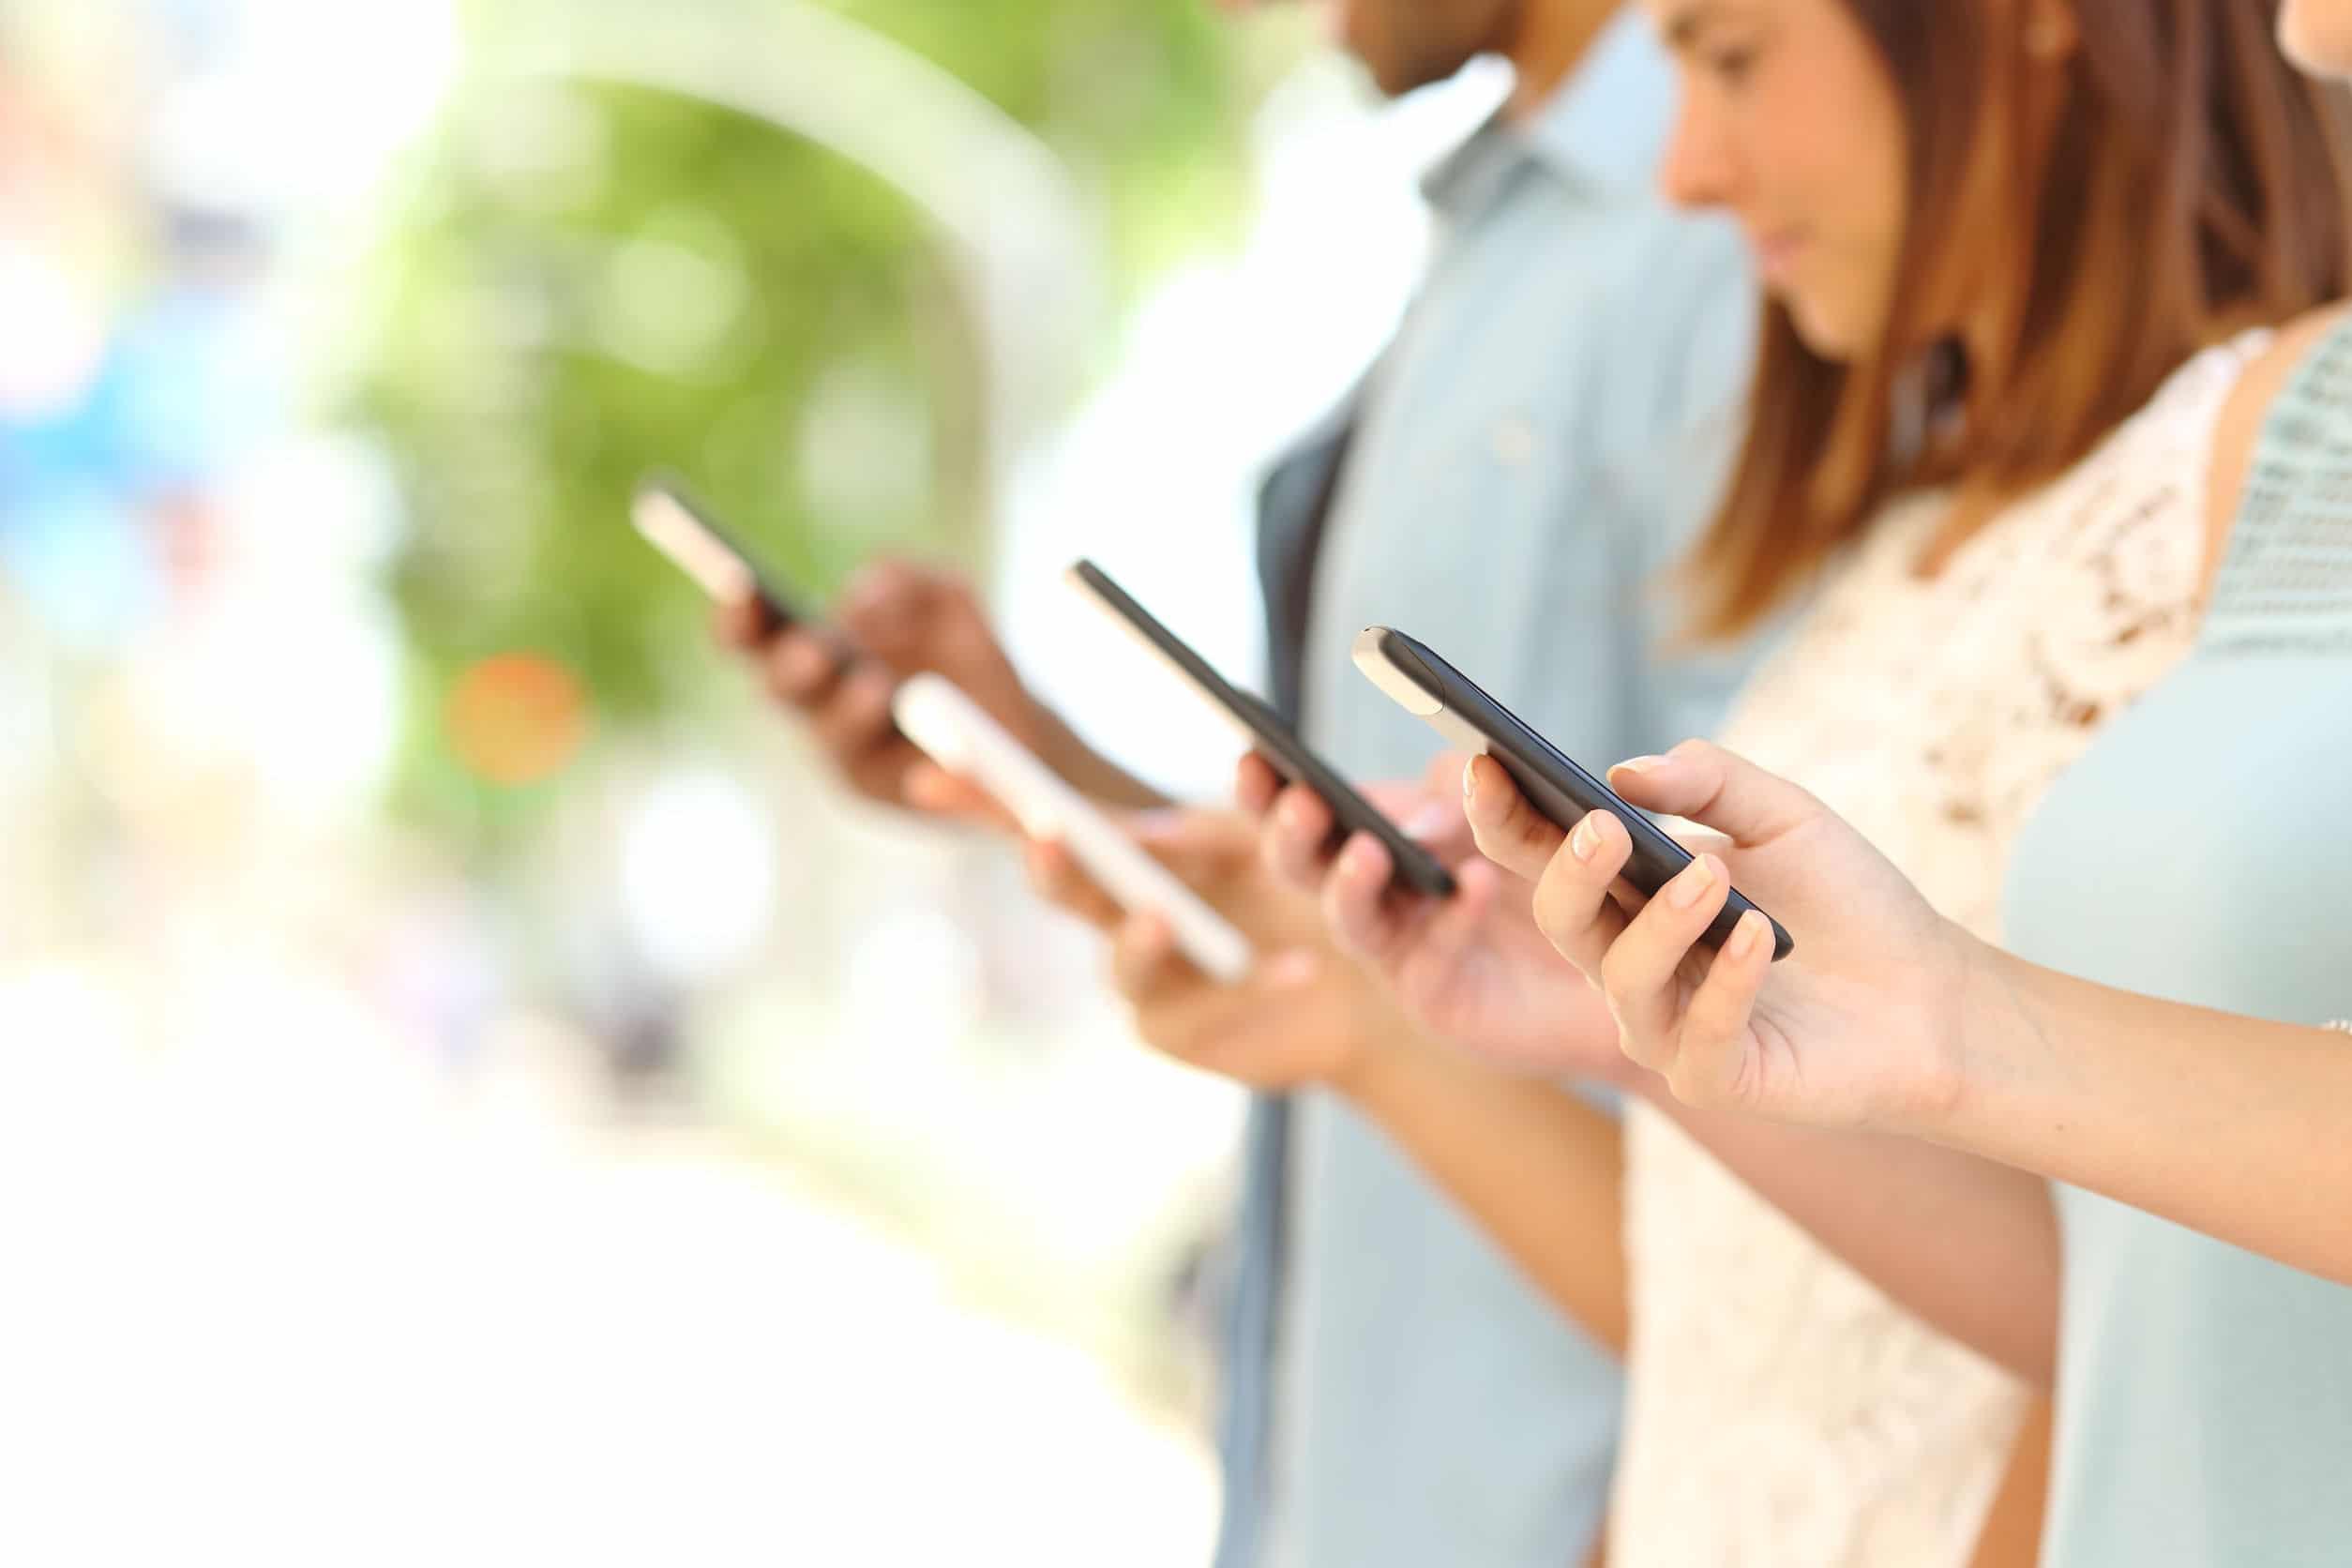 Quatro amigos mandando mensagens pelo celular na rua. Fundo embaçado.